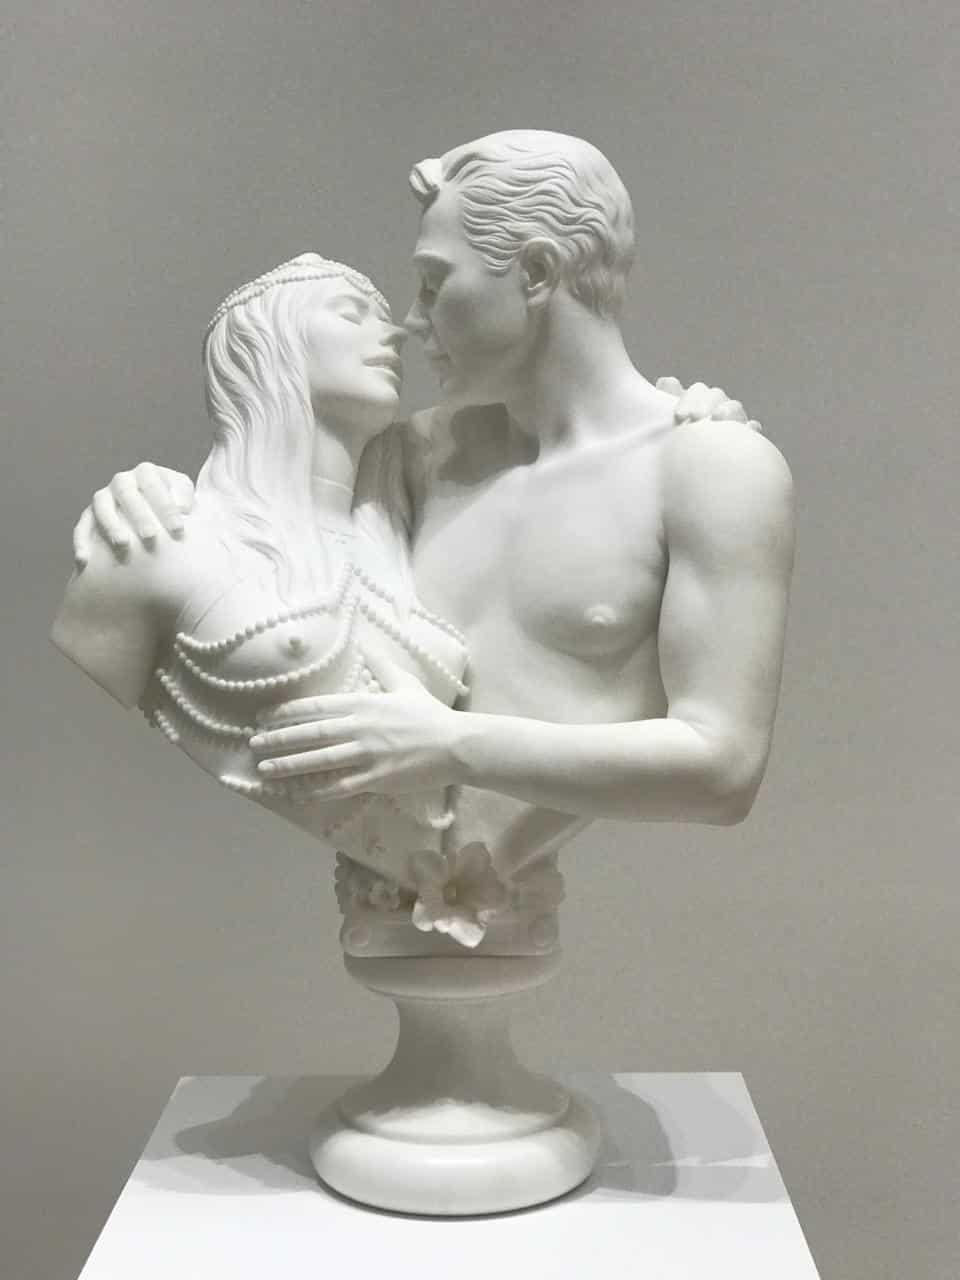 Un vistazo a Apariencia Desnuda, exposición de Jeff Koons y Marcel Duchamp